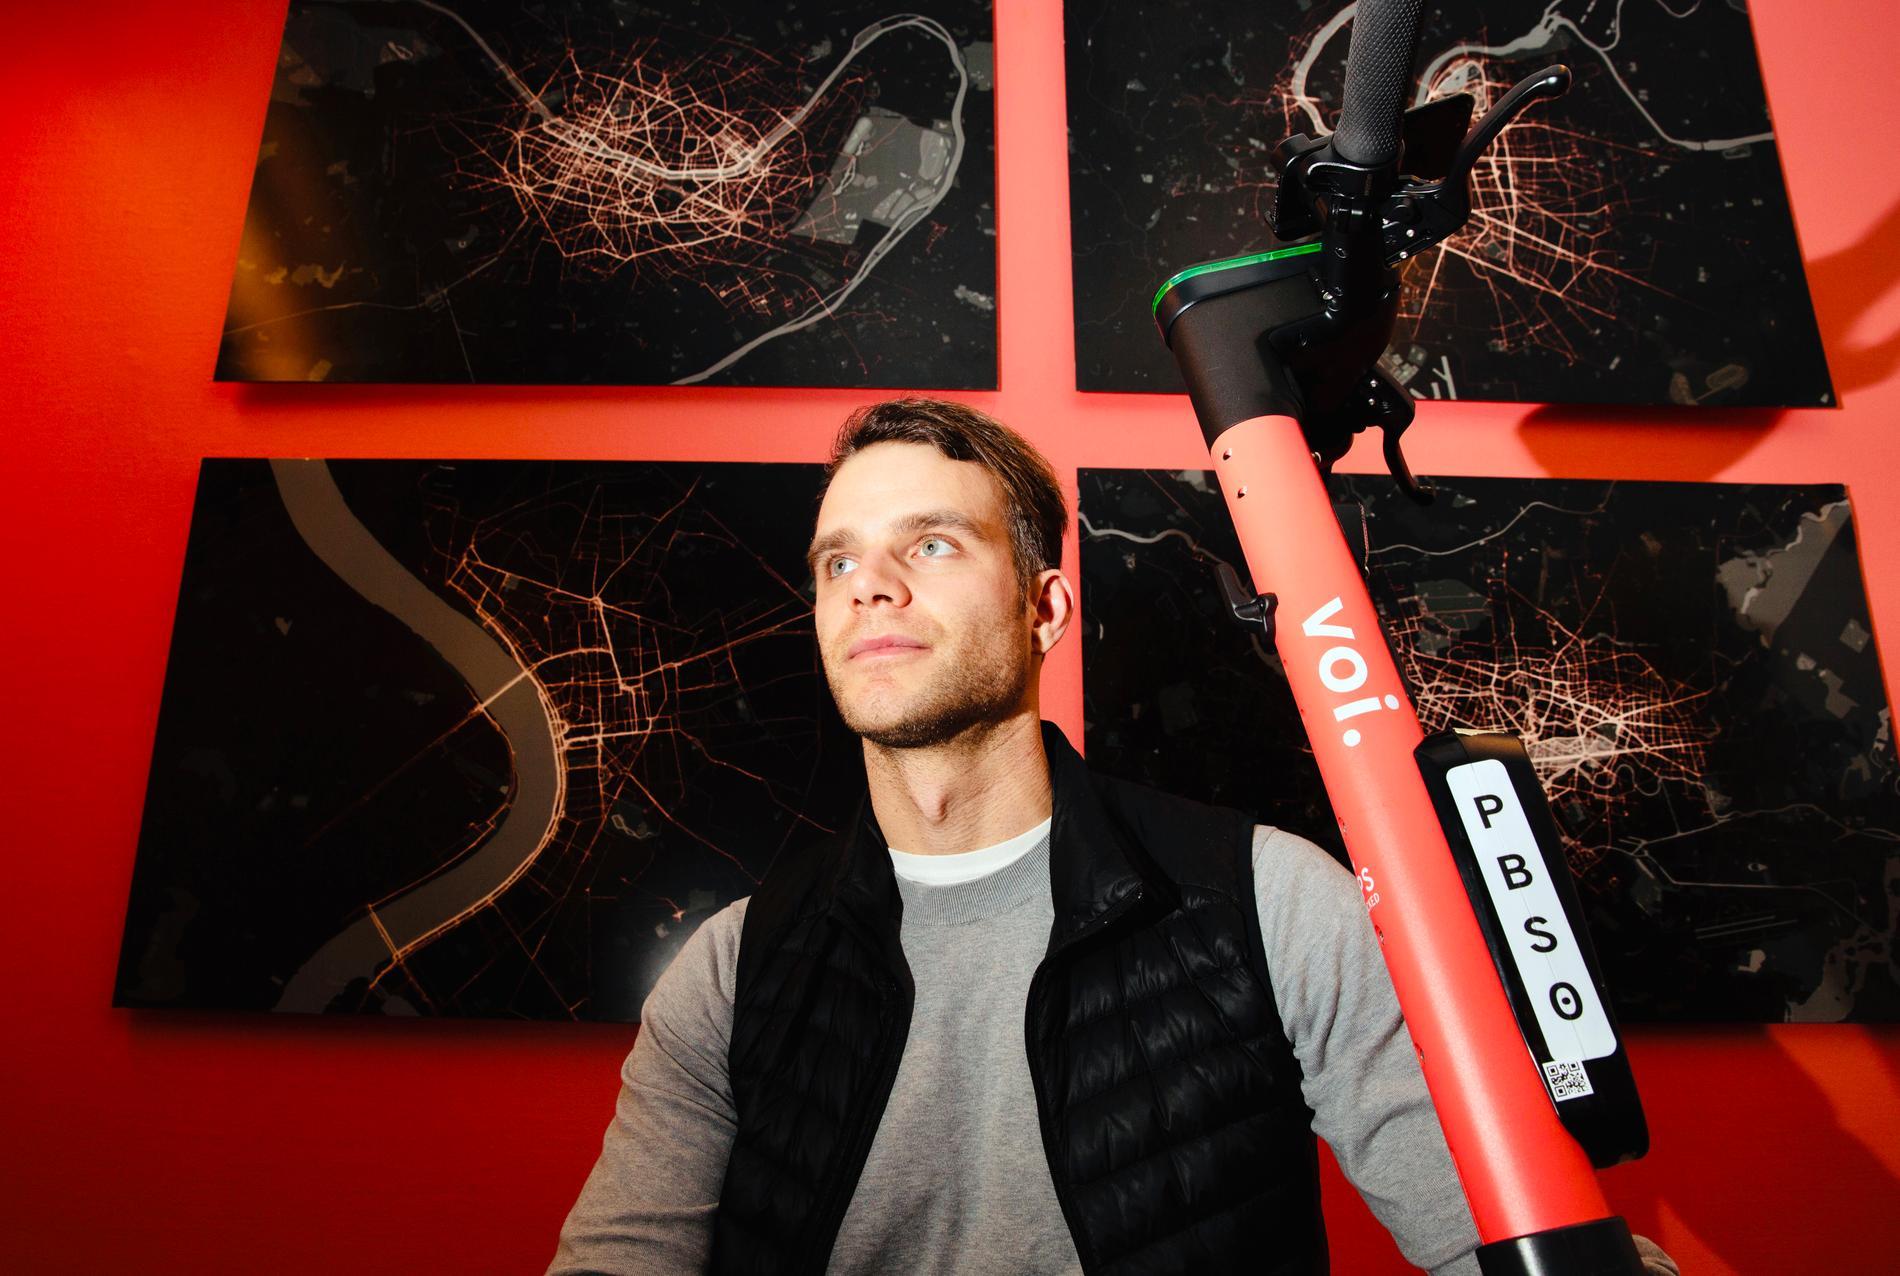 Voi Technologies vd och medgrundare Fredrik Hjelm.